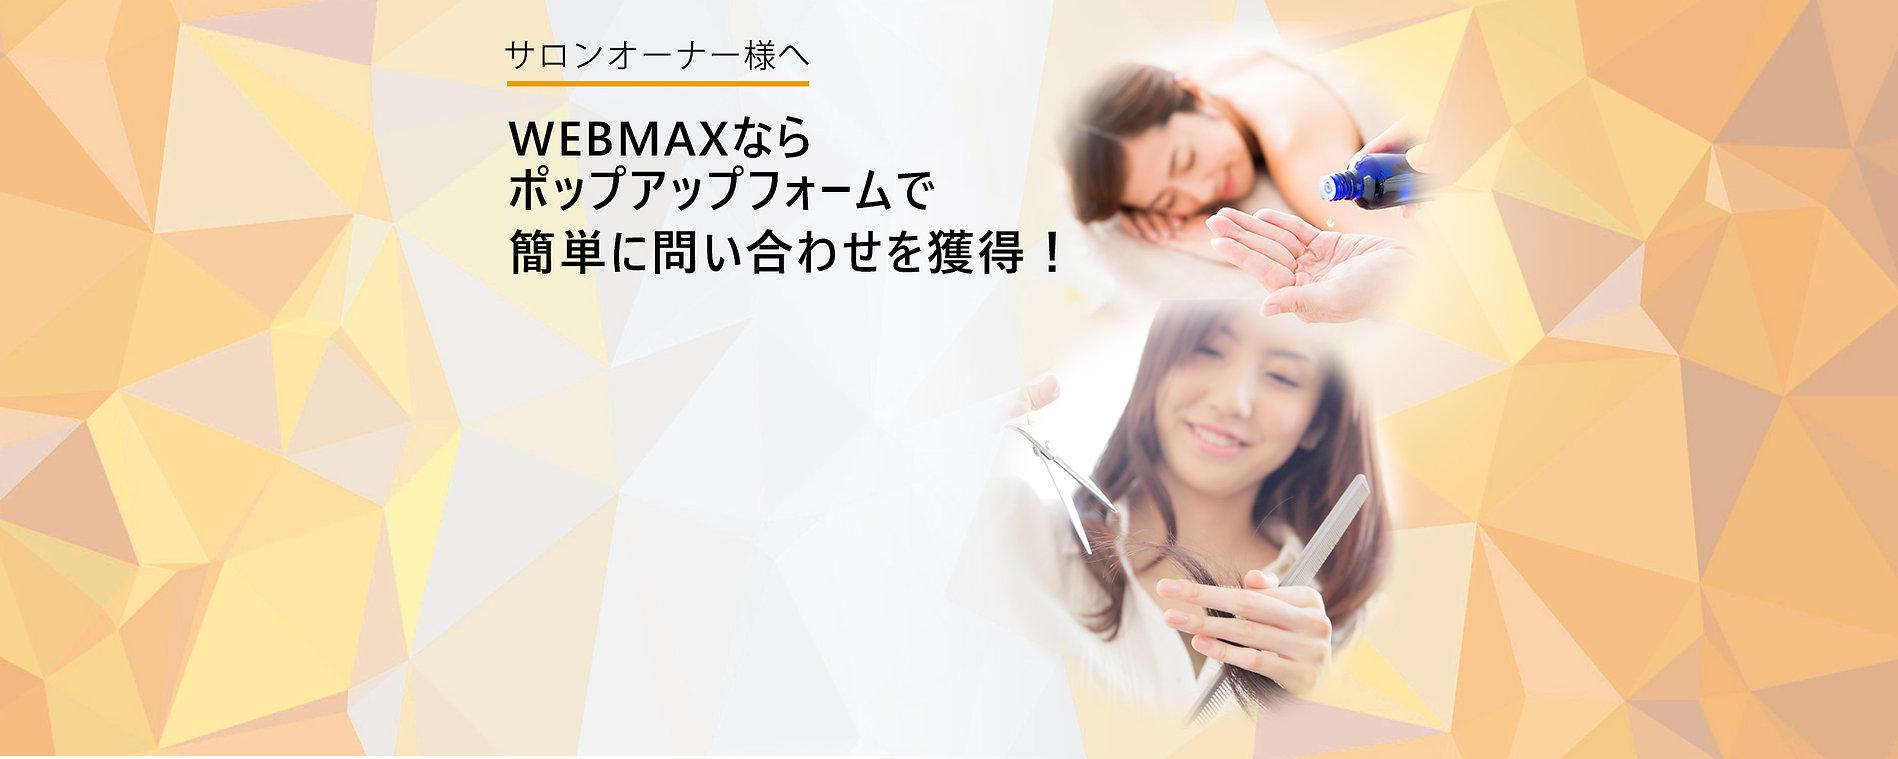 サロンウェブマックスMV.jpg